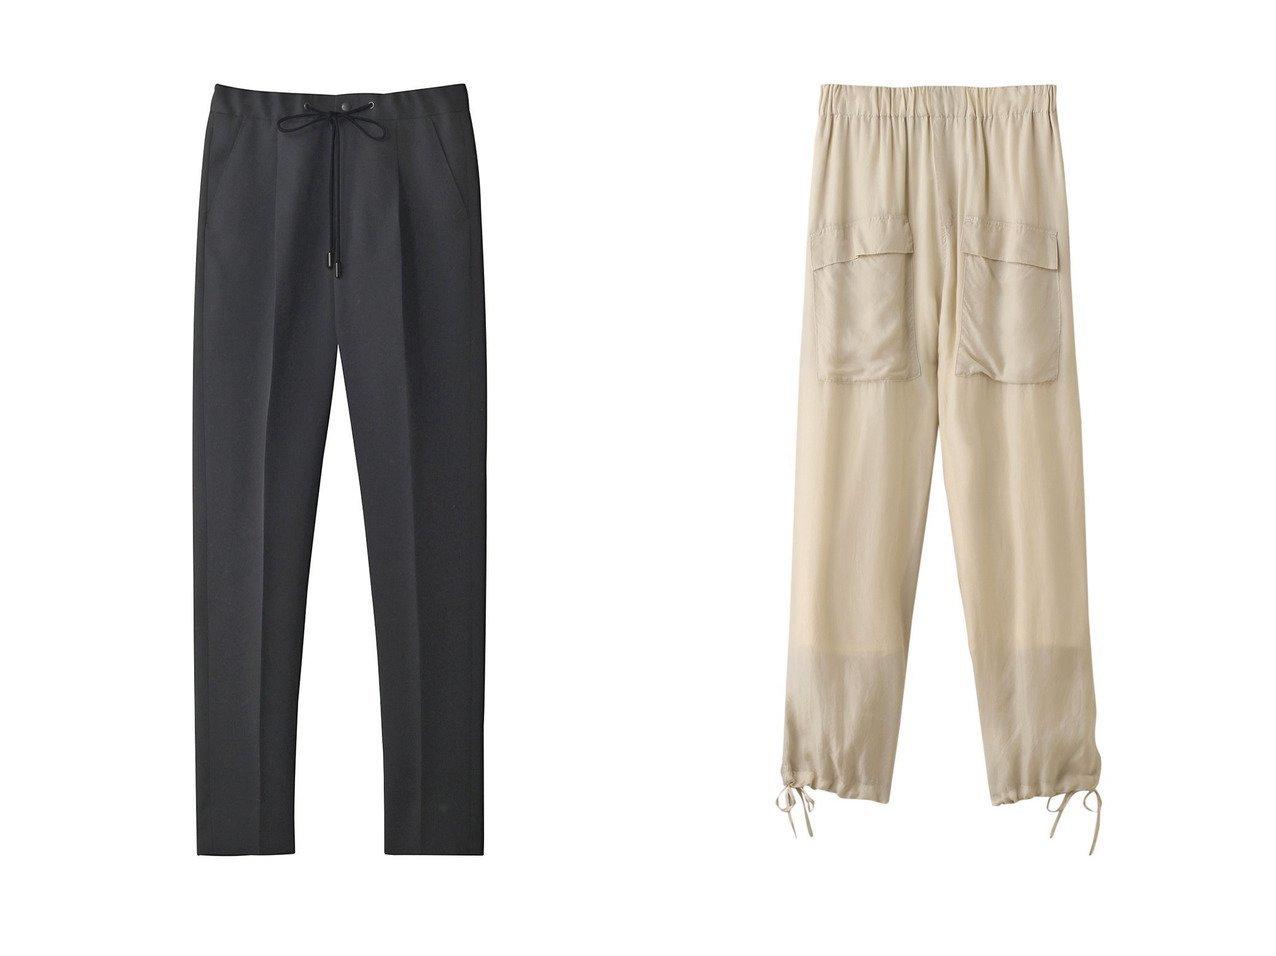 【THE RERACS/ザ リラクス】のウールスリムイージースラックス&【TICCA/ティッカ】のカーゴパンツ パンツのおすすめ!人気、トレンド・レディースファッションの通販 おすすめで人気の流行・トレンド、ファッションの通販商品 メンズファッション・キッズファッション・インテリア・家具・レディースファッション・服の通販 founy(ファニー) https://founy.com/ ファッション Fashion レディースファッション WOMEN パンツ Pants 2021年 2021 2021 春夏 S/S SS Spring/Summer 2021 S/S 春夏 SS Spring/Summer カットソー シンプル スラックス ダブル 春 Spring  ID:crp329100000014952